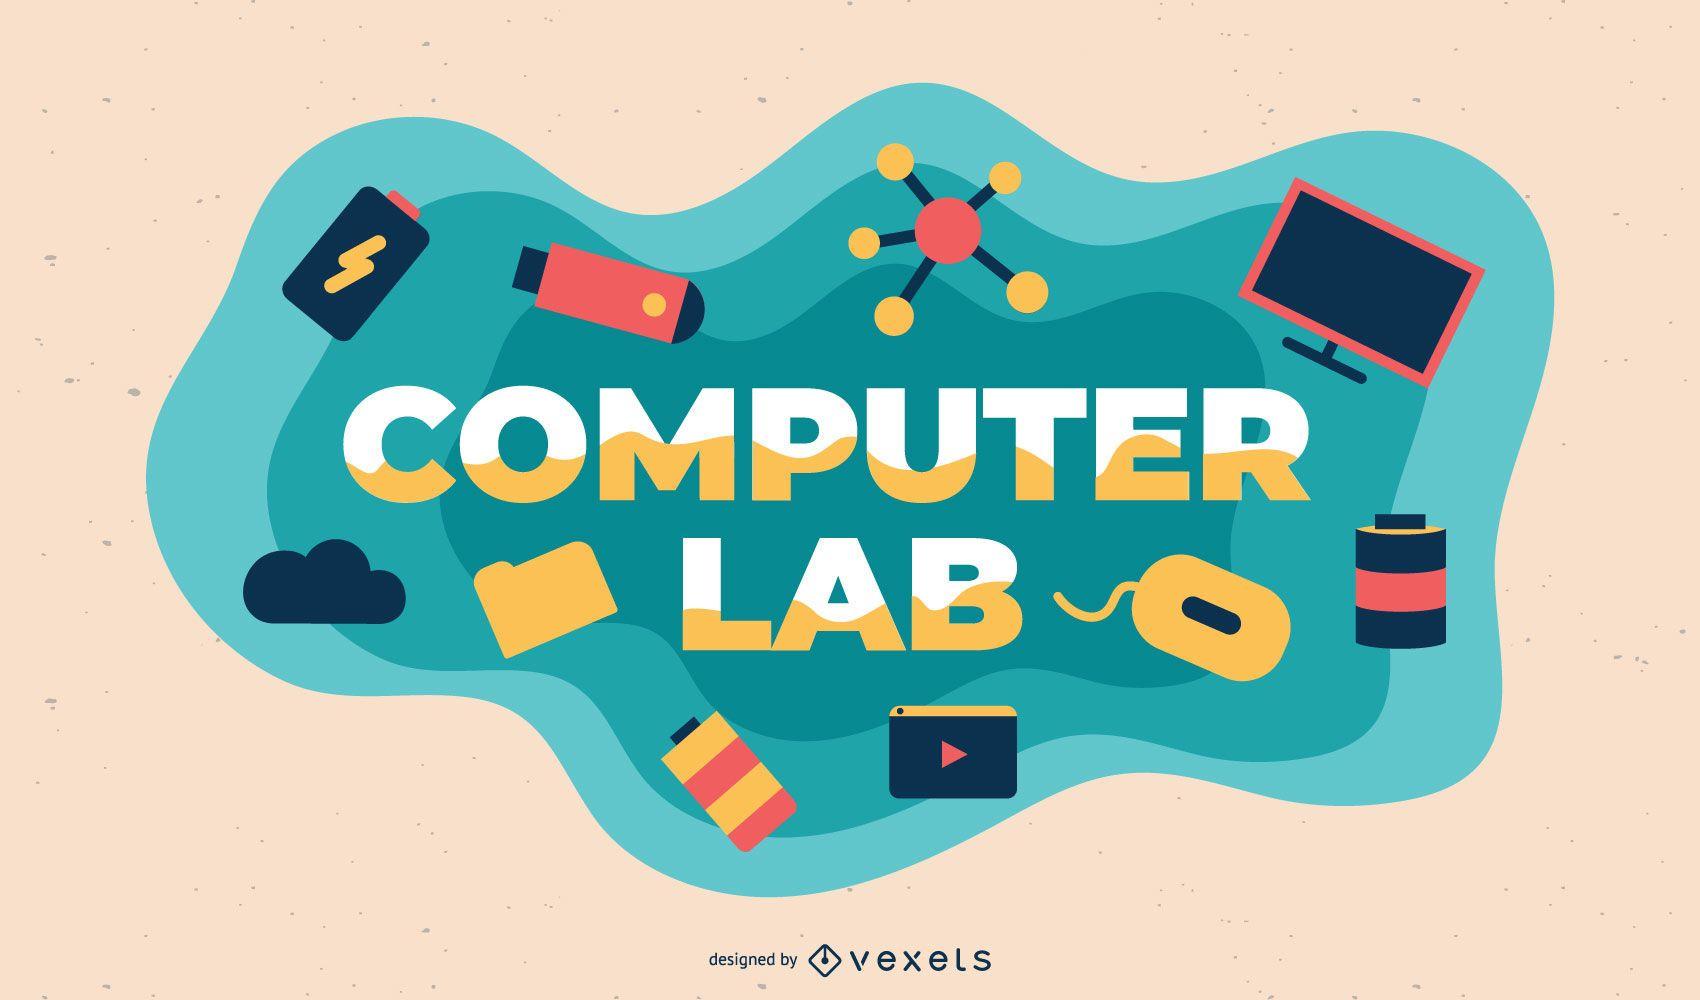 Computer lab subject illustration